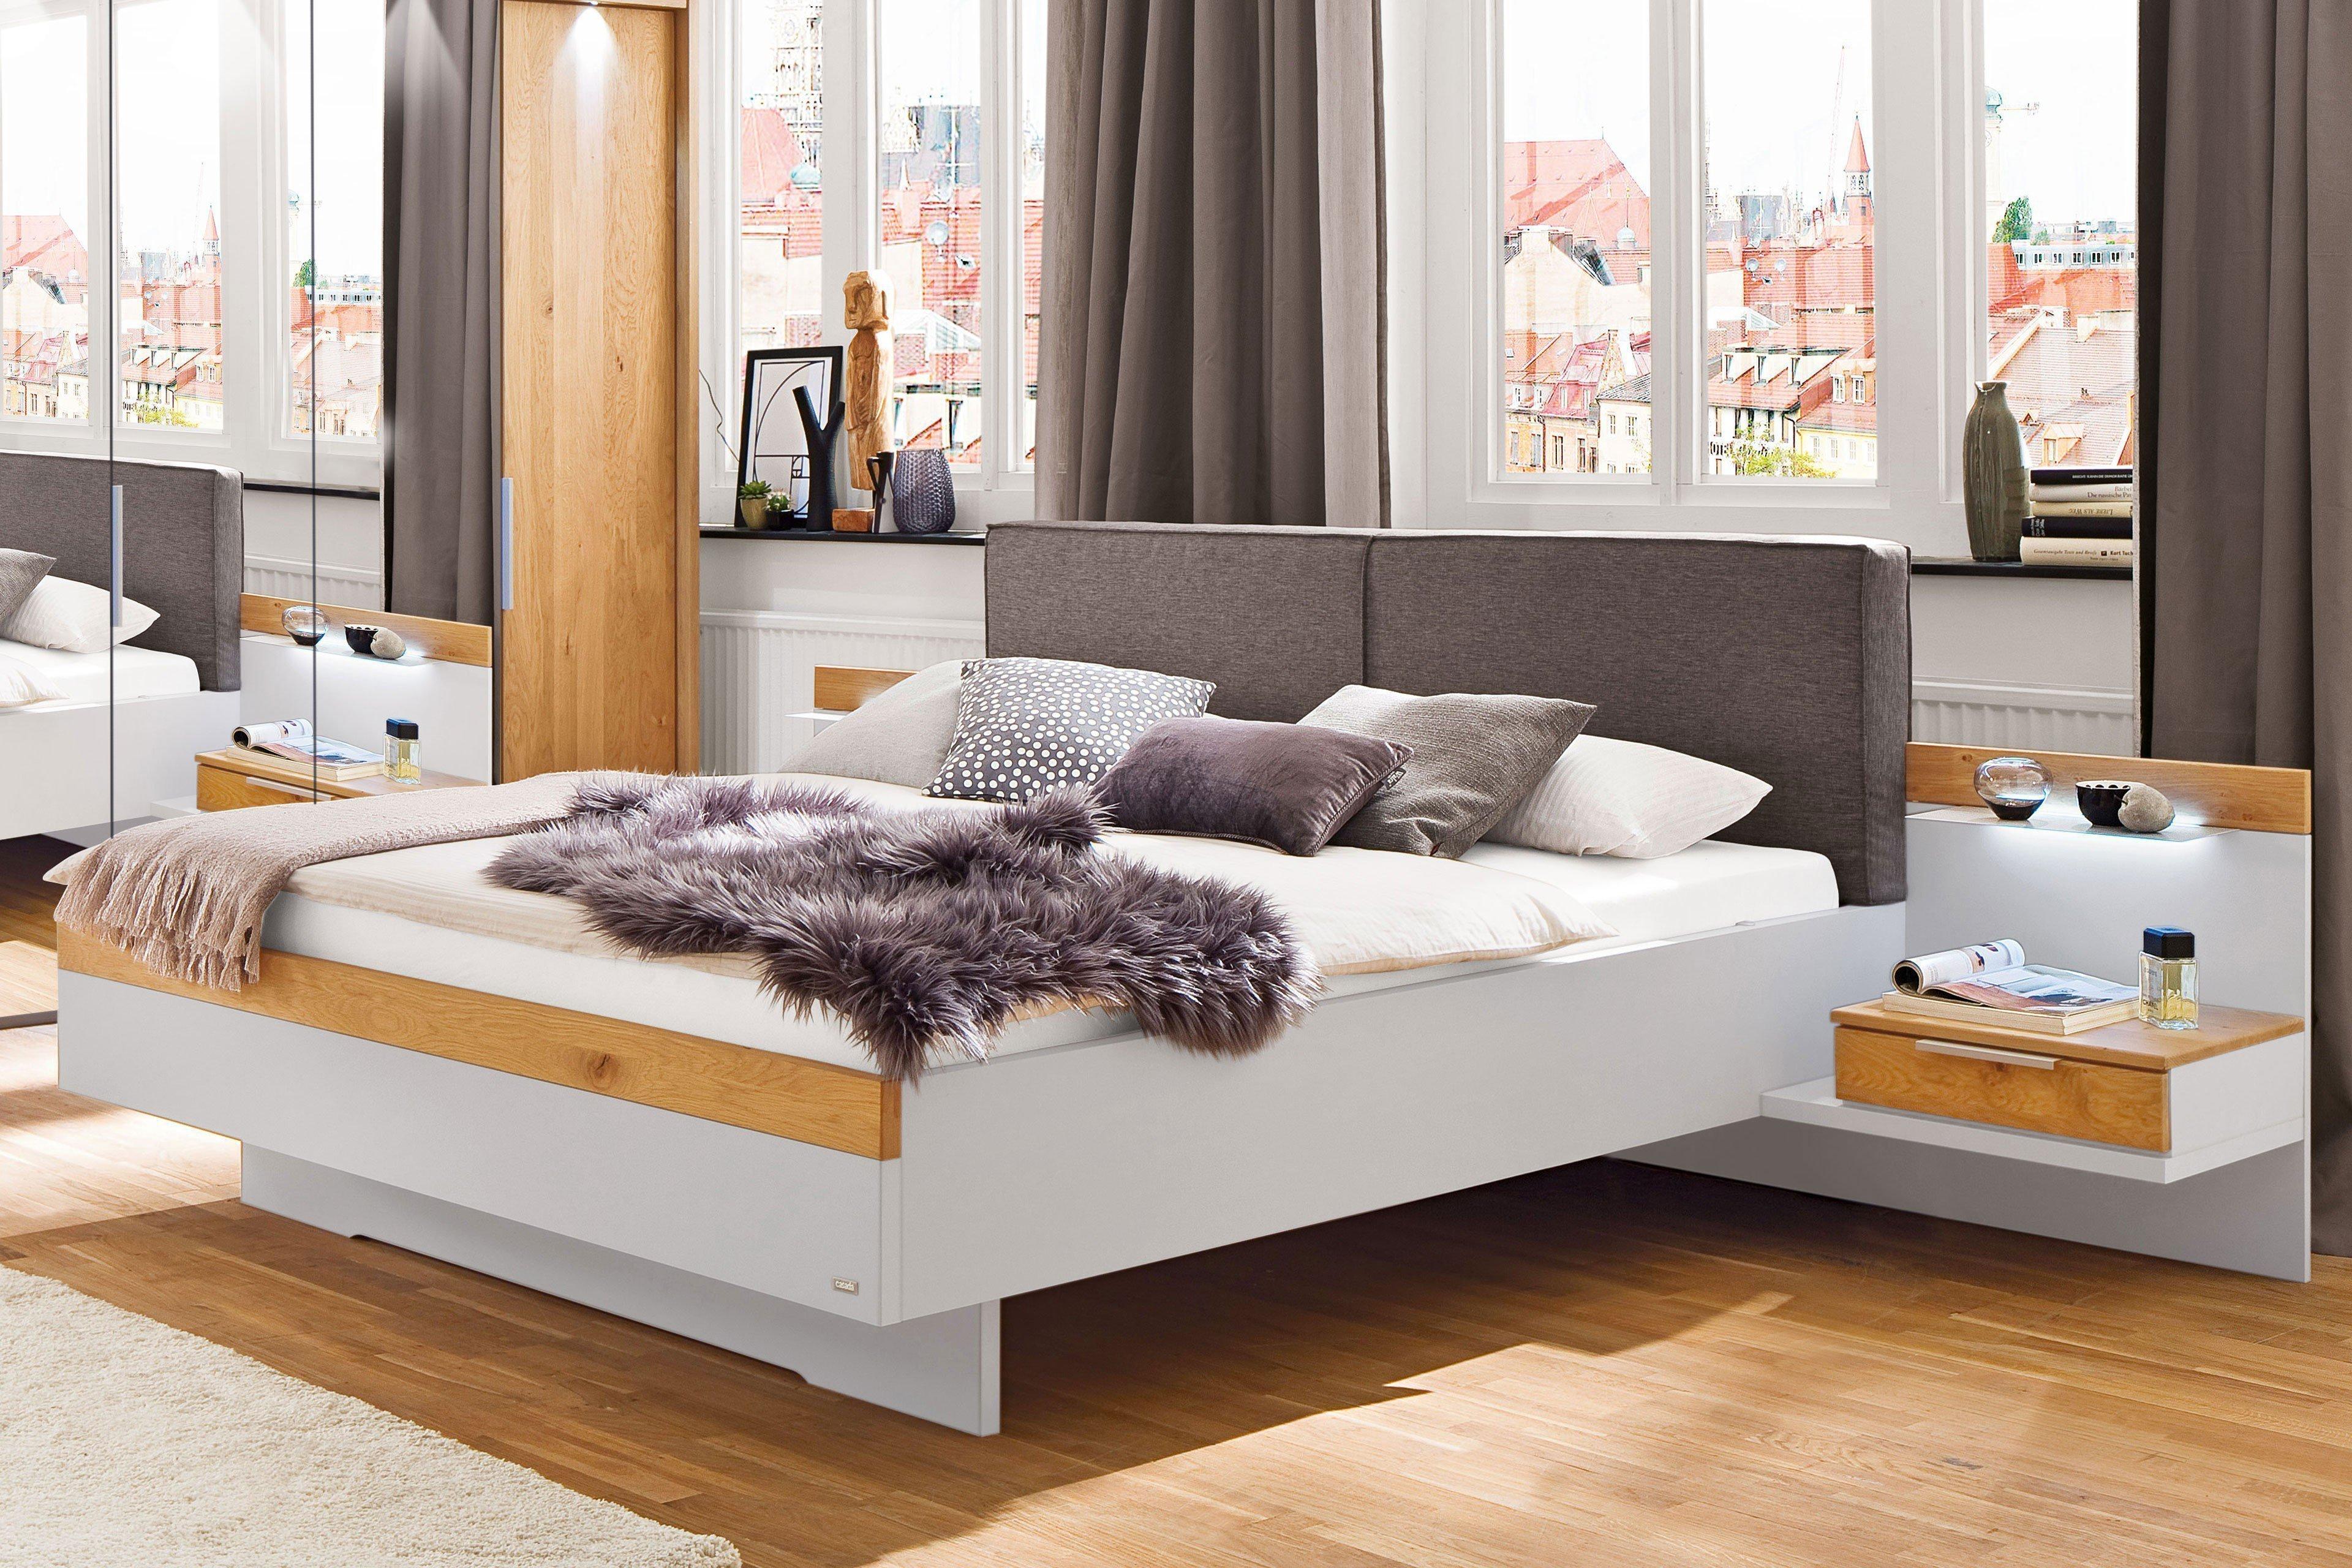 Schlafzimmer calgary von casada wildeiche spiegel - Schlafzimmer casada ...